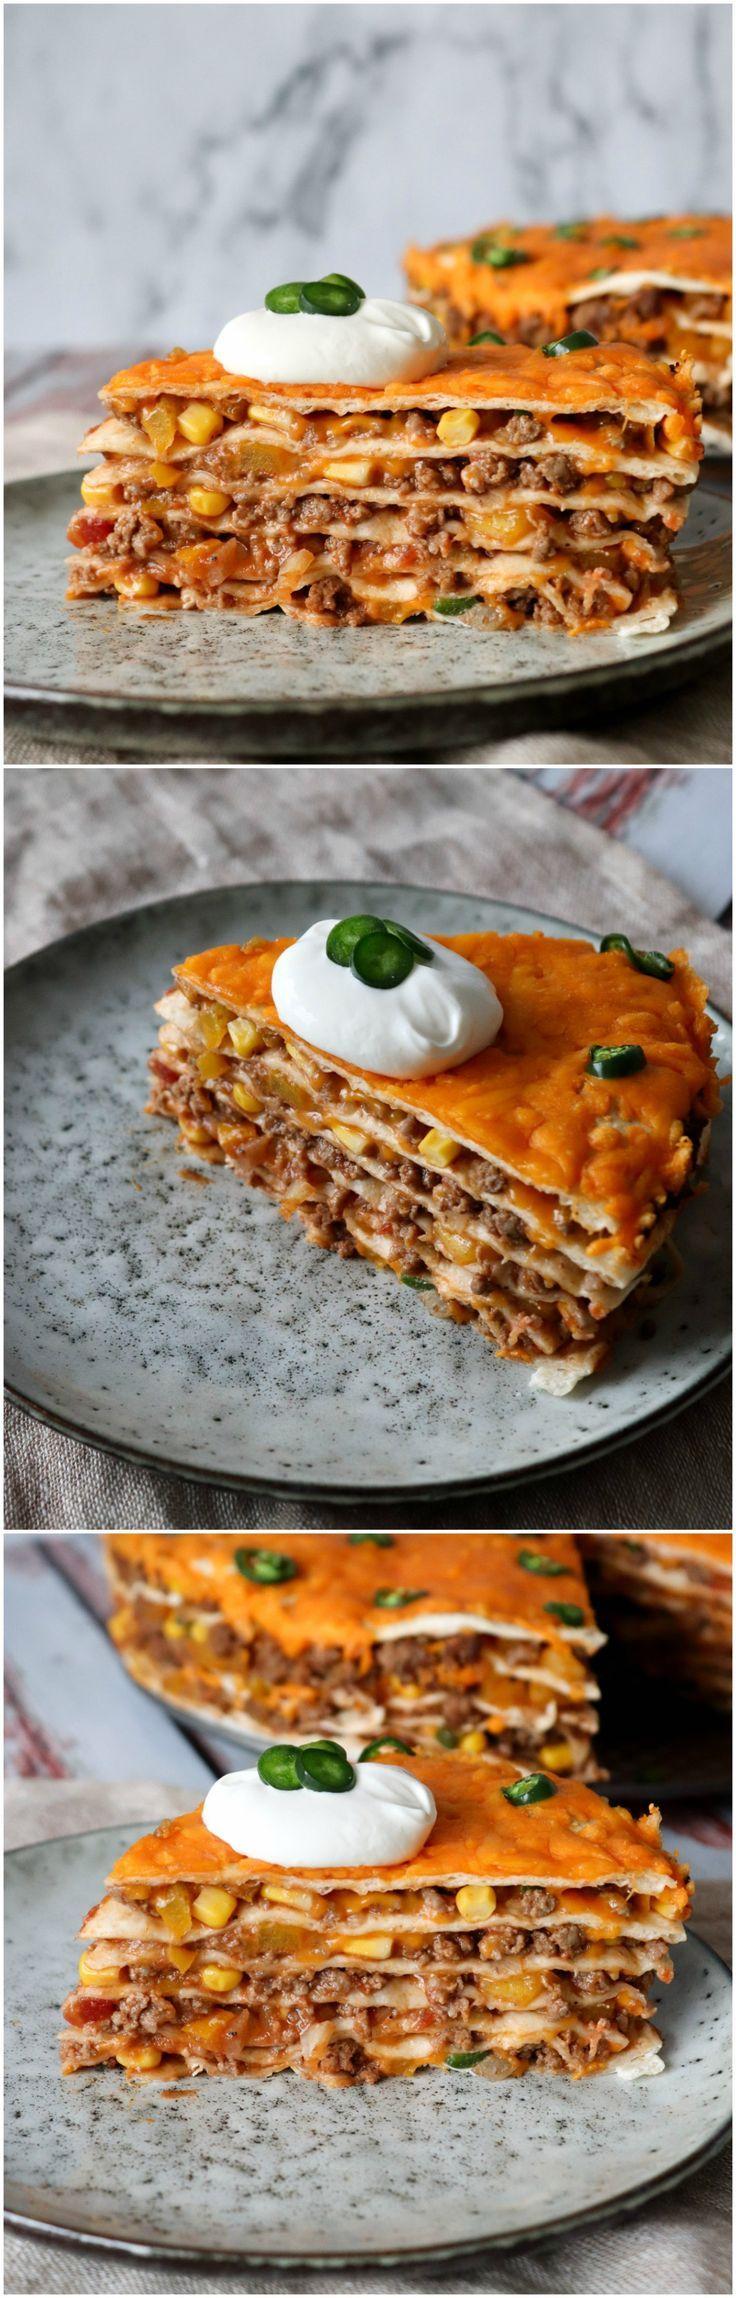 Den lækreste tortillalasagne! En ret hele familien vil elske! Det er en super nem opskriften til aftensmaden. Den er proppet med kødsauce, majs, cheddar og jalapeños. En anderledes måde at få tortillas på. Et hit hos ungerne!